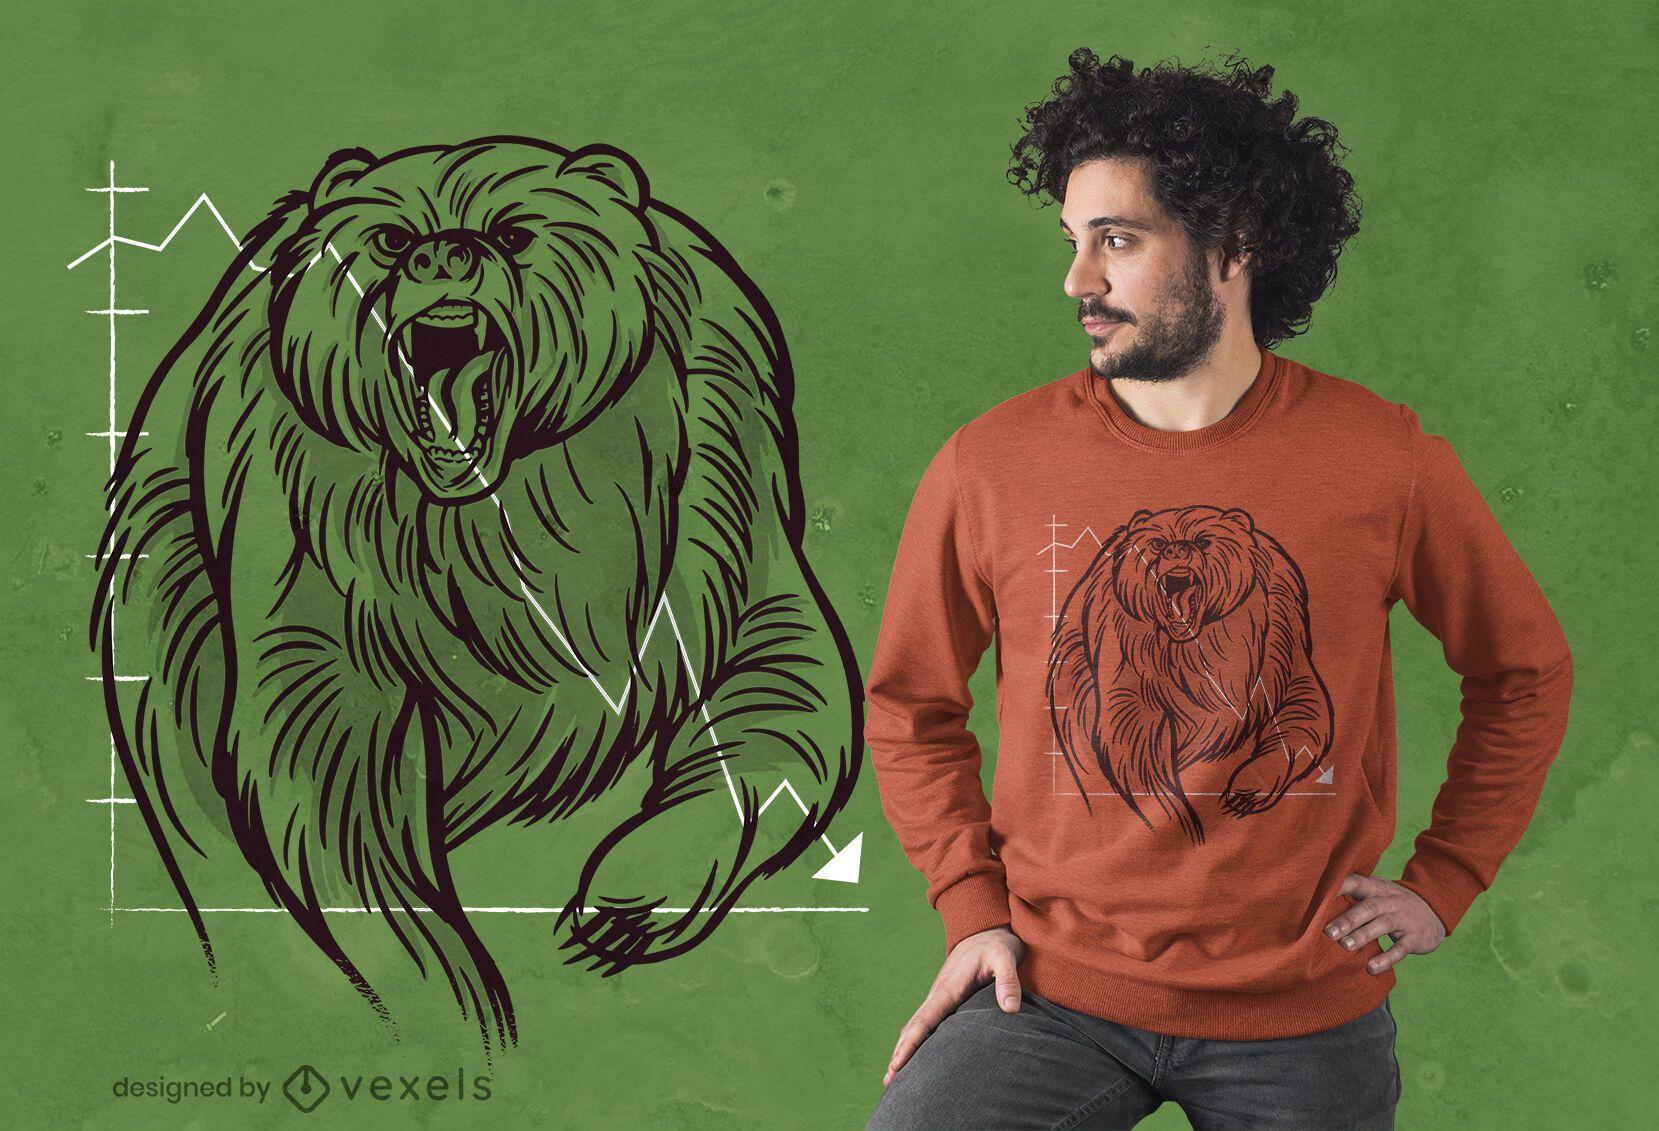 Stock market bear t-shirt design